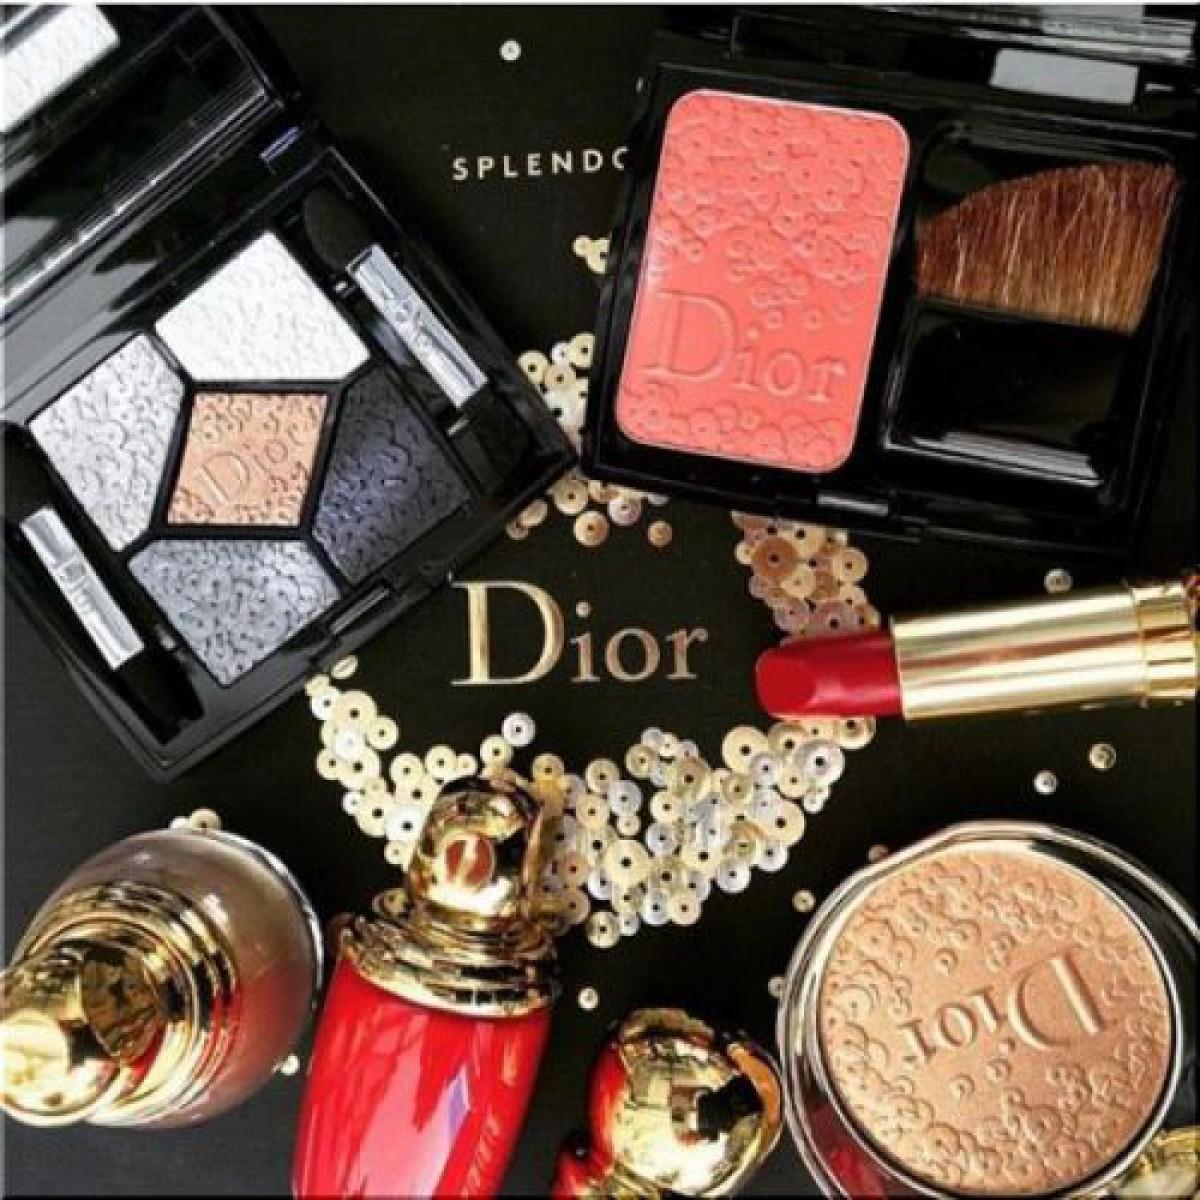 ディオール クリスマスコフレ2018 予約&通販♪Diorのホリデーコレクションは大人気リップ、ブラシセット、ポーチ、アイシャドウ‥麗しいアイテム&使い方をブログで♪